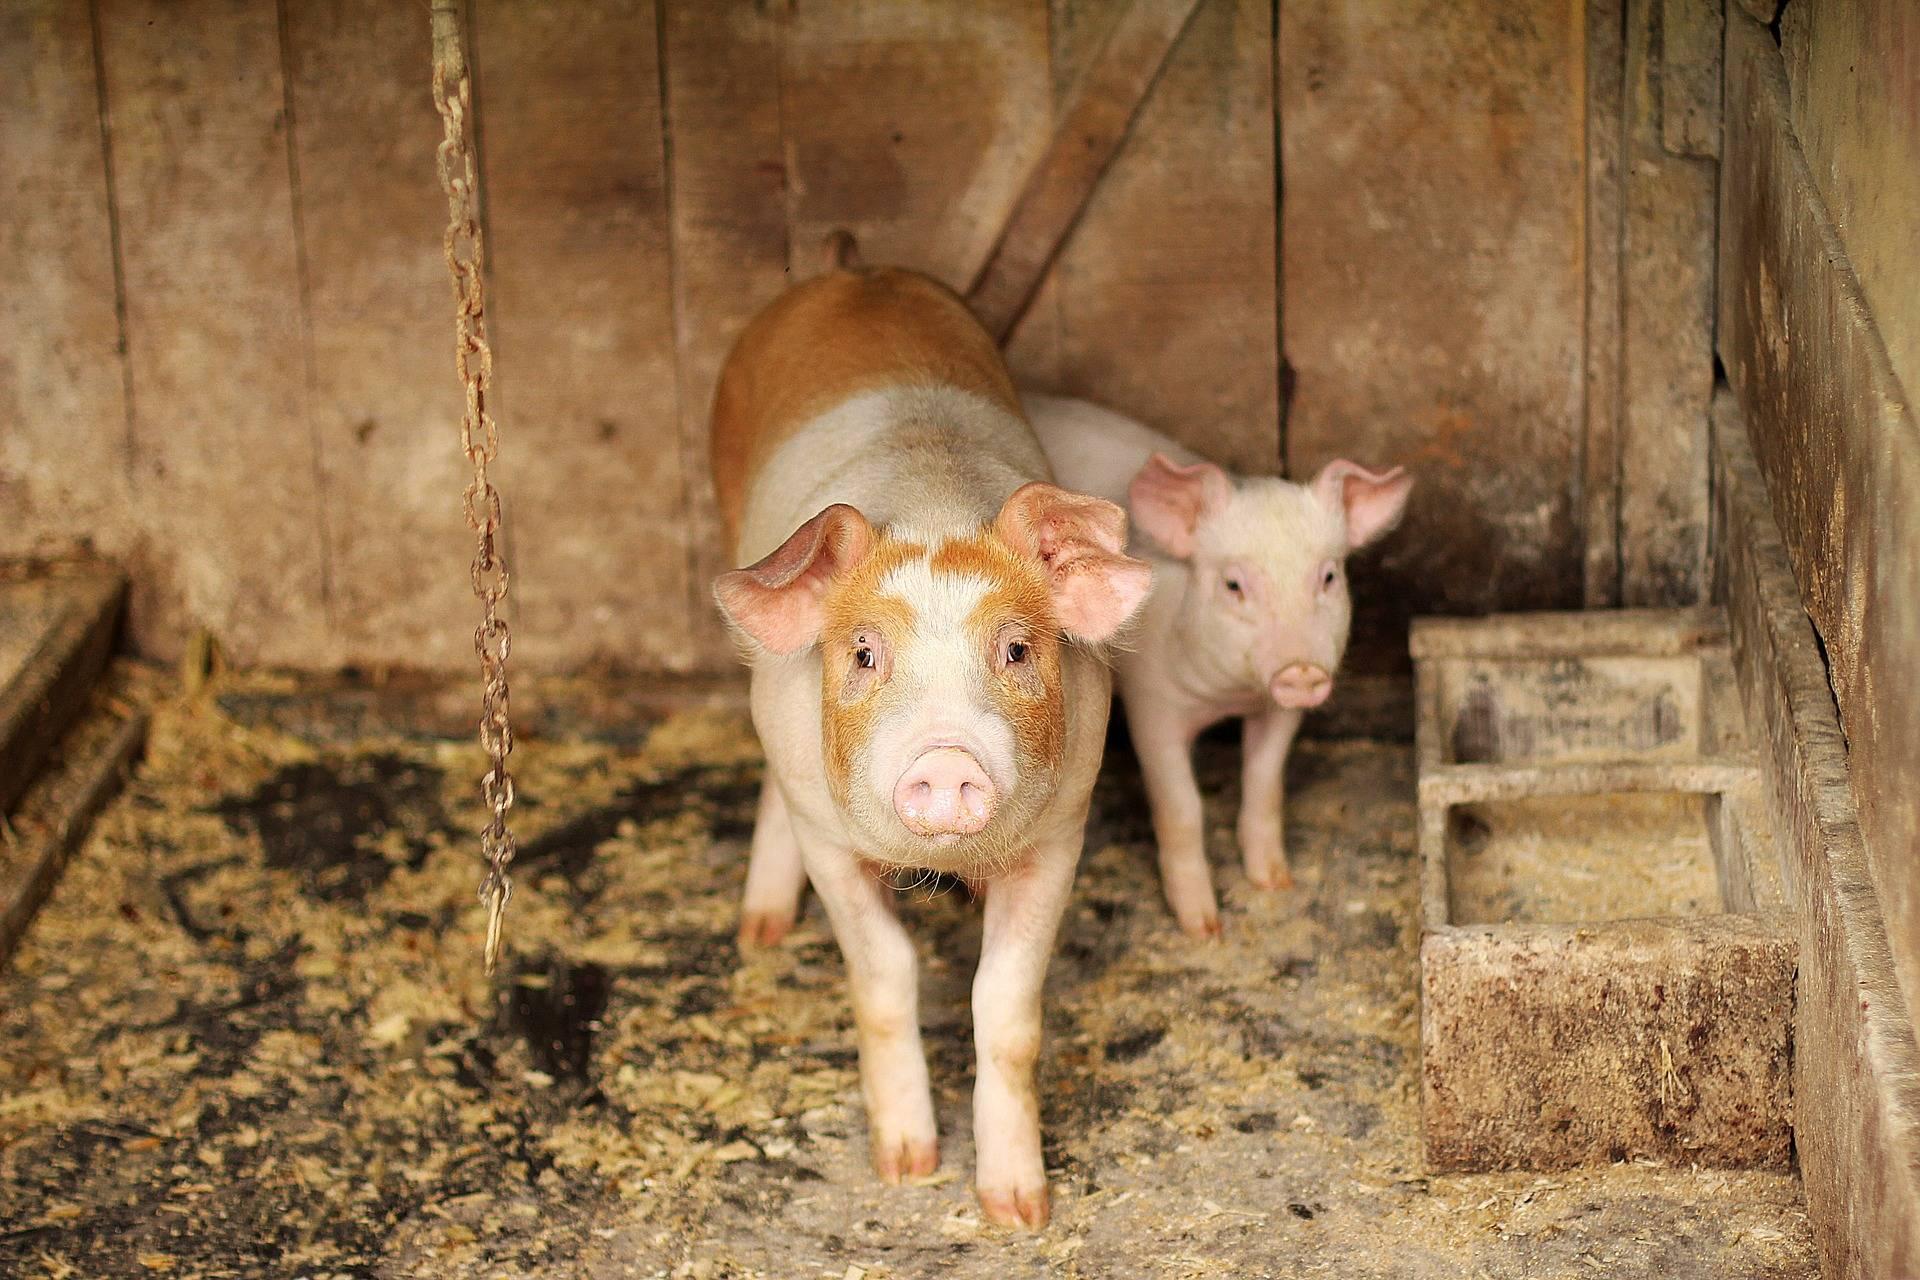 Problemele post-Brexit continuă. Fermierii britanici au aproape 100.000 de porci în plus pe care nu-i pot sacrifica